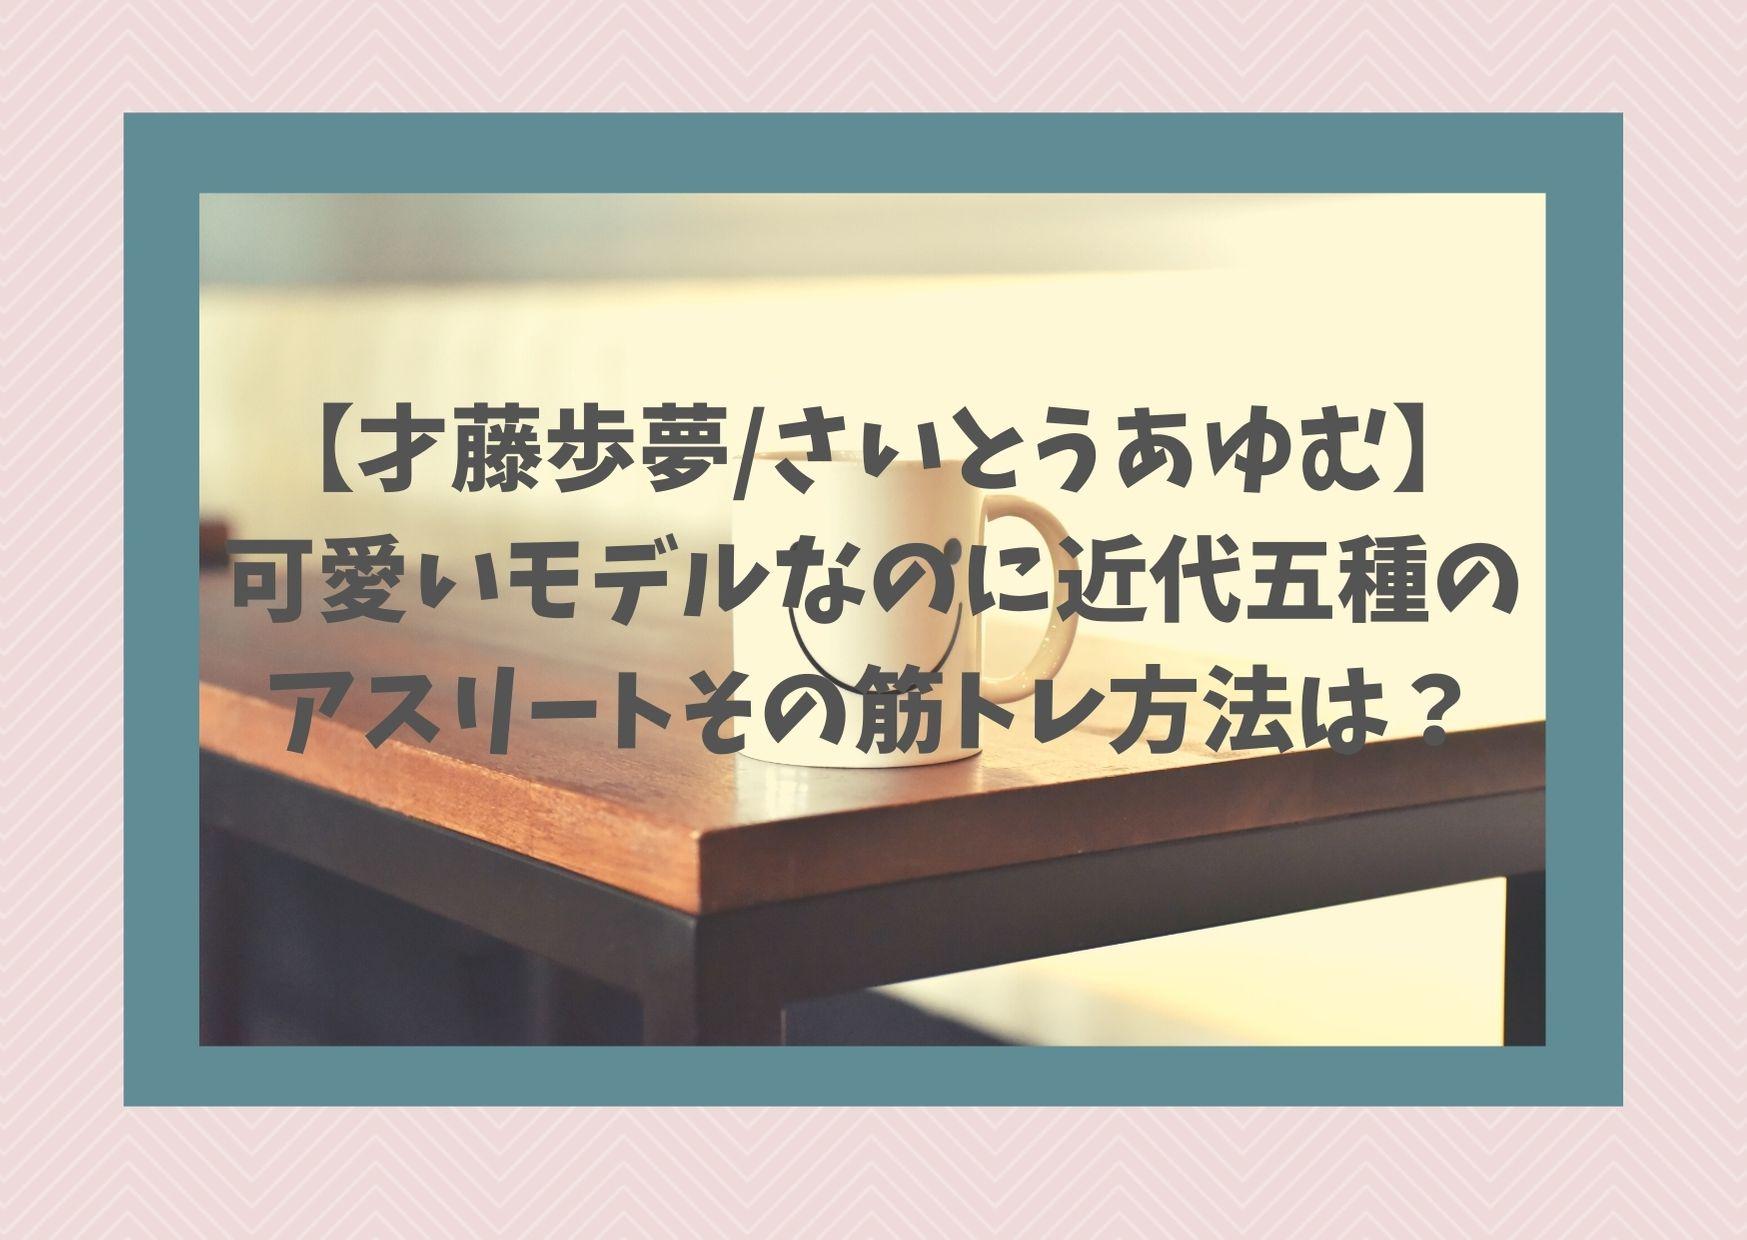 【才藤歩夢/さいとうあゆむ】可愛いモデルなのに近代五種のアスリートその筋トレ方法は?